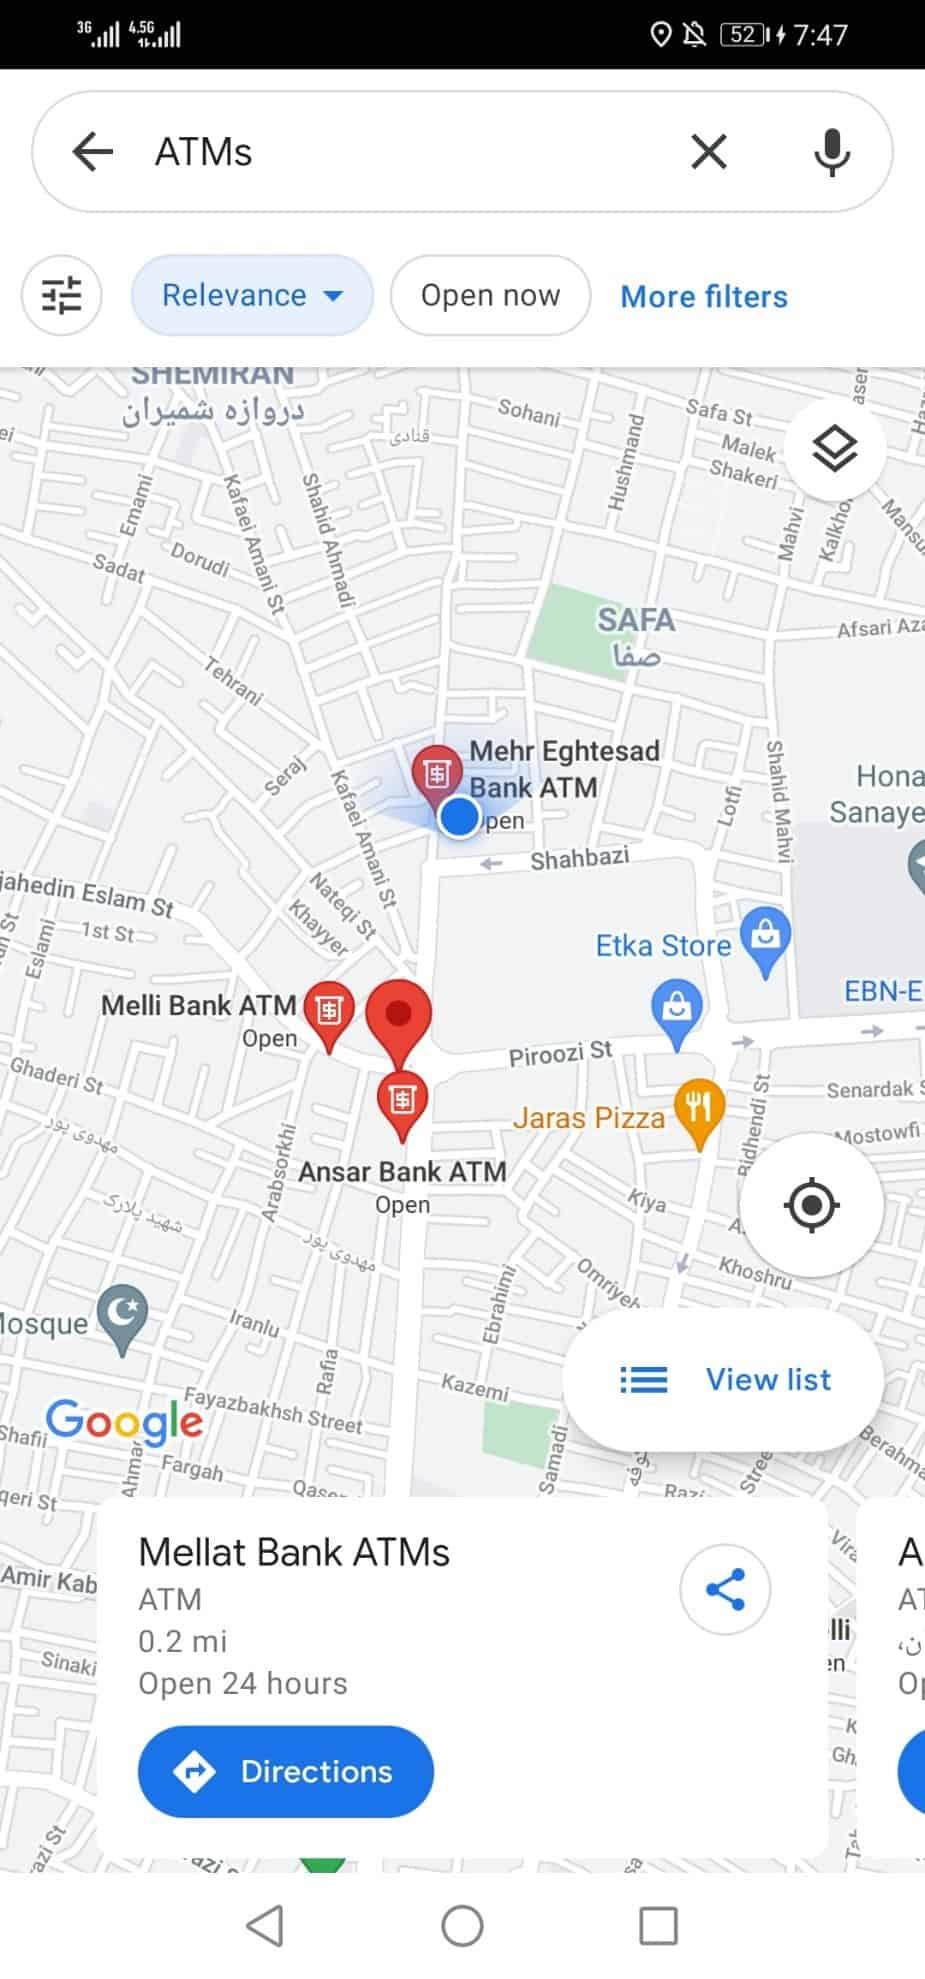 نمایش نزدیک ترین مکان های اطراف من در گوگل مپ و نقشه